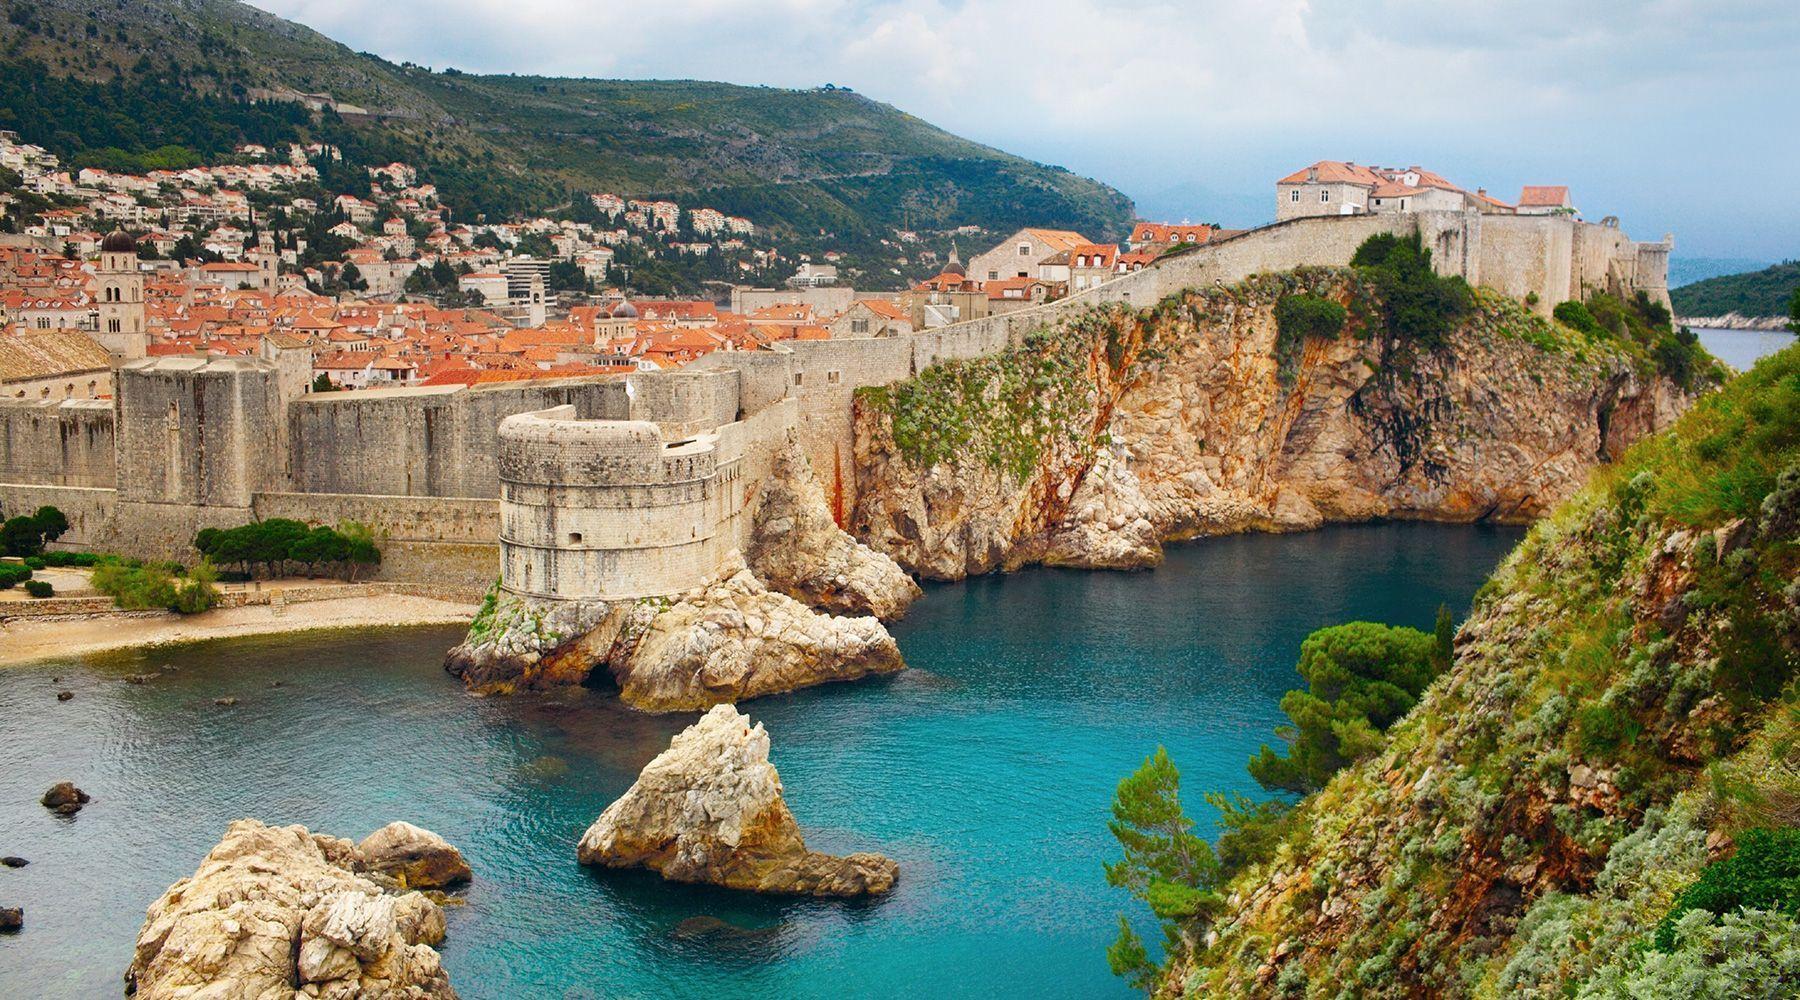 Улицы Дубровника окружены мощной гигантской стеной